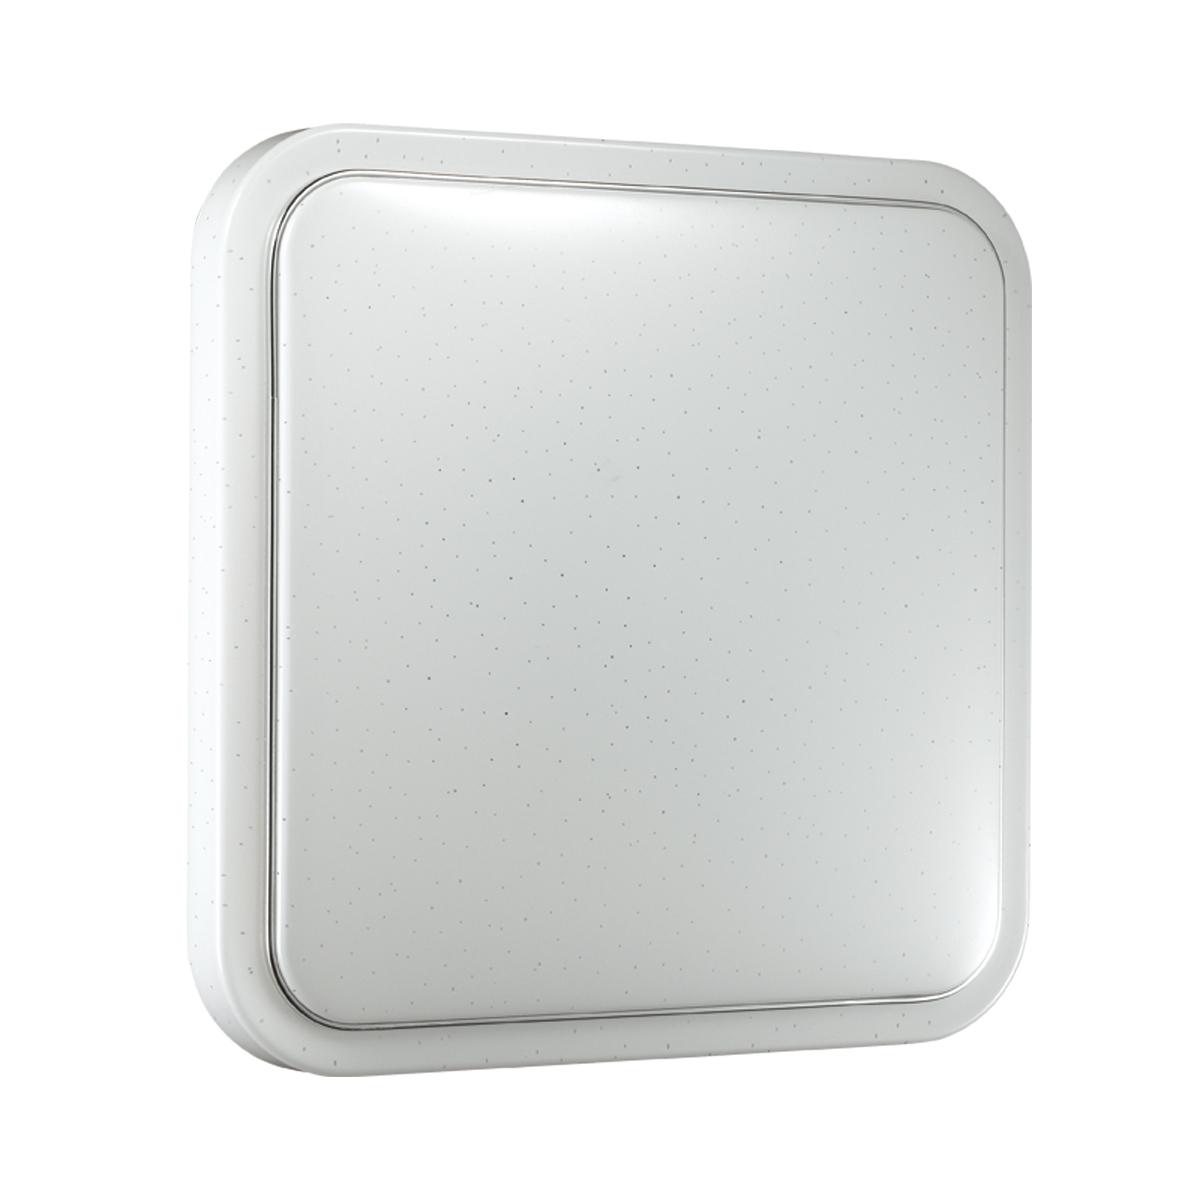 Потолочный светодиодный светильник Sonex Kvadri 2014/C, IP43, LED 28W 4000K 1419lm, белый, металл, пластик - фото 2